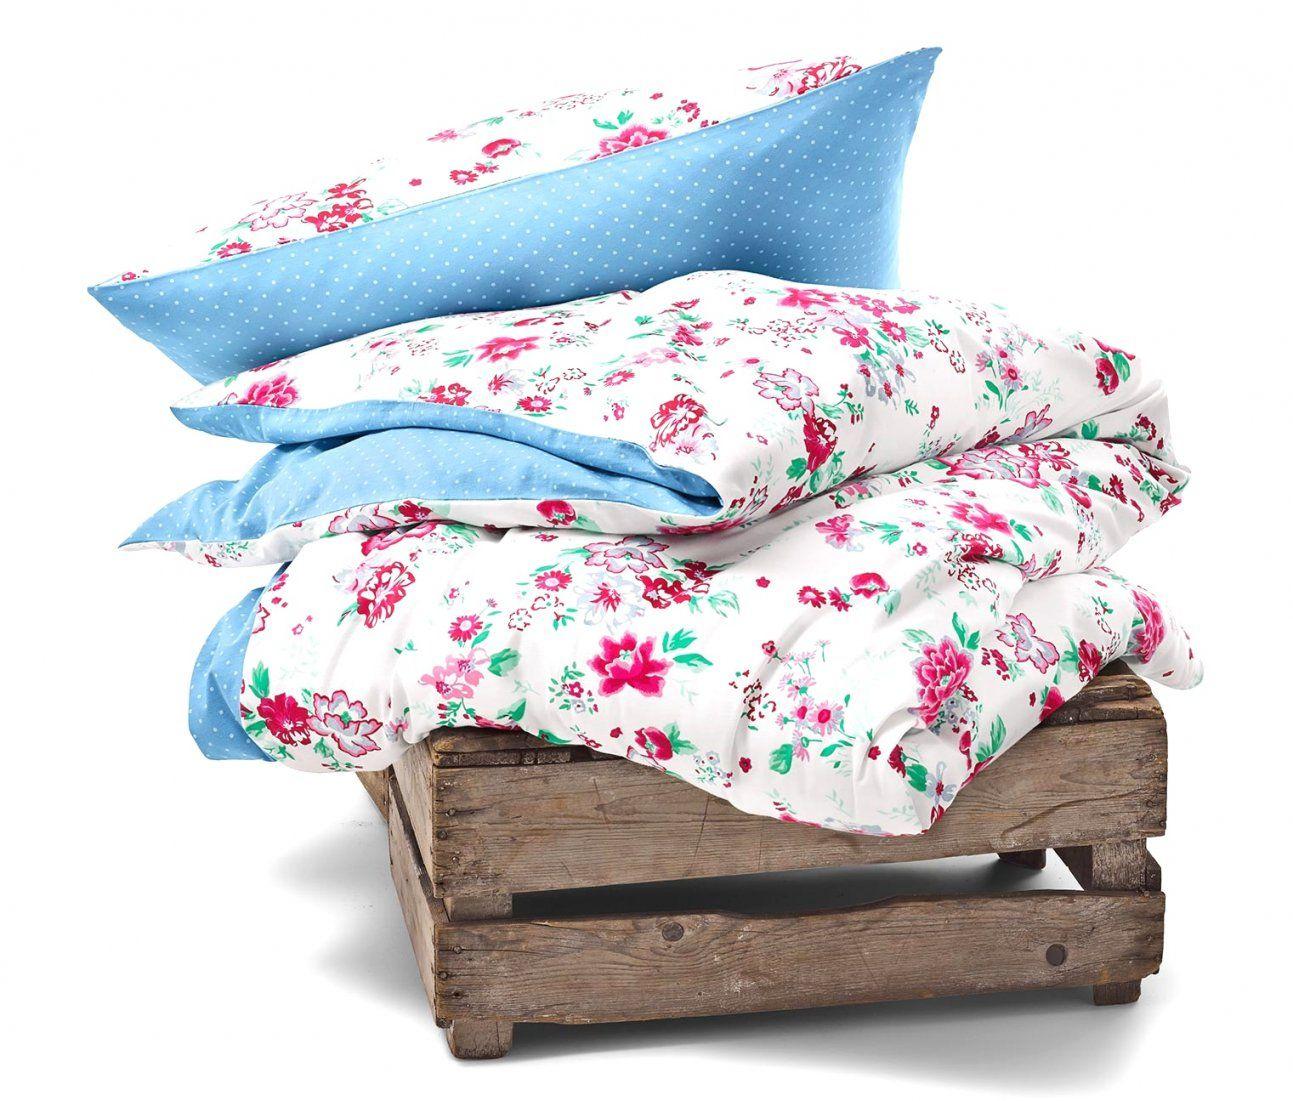 Schöne Ideen Jersey Bettwäsche Tchibo Und Wunderbare Wende von Tchibo Jersey Bettwäsche Photo